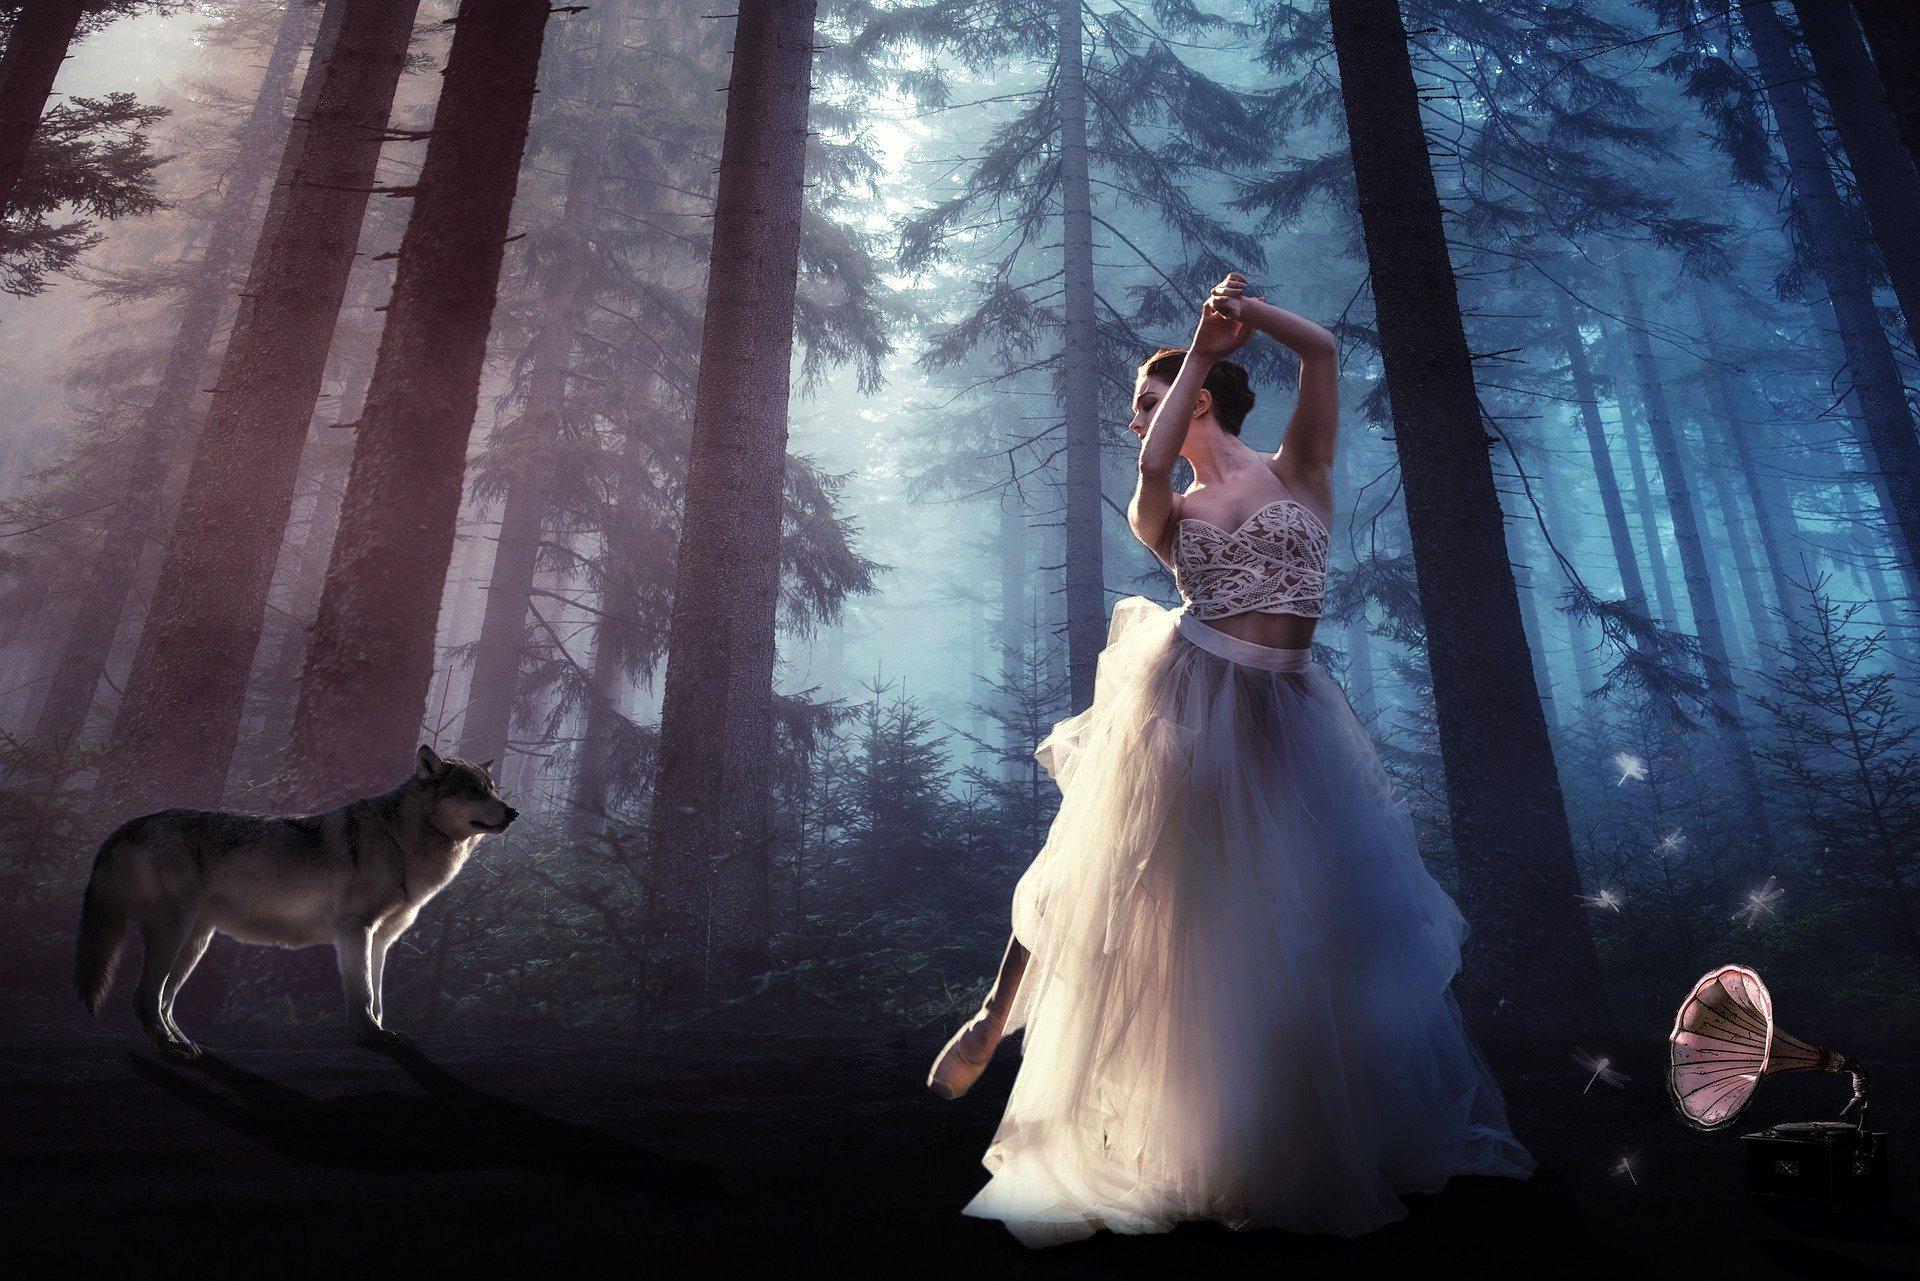 una donna in una foresta che balla osservata da un lupo